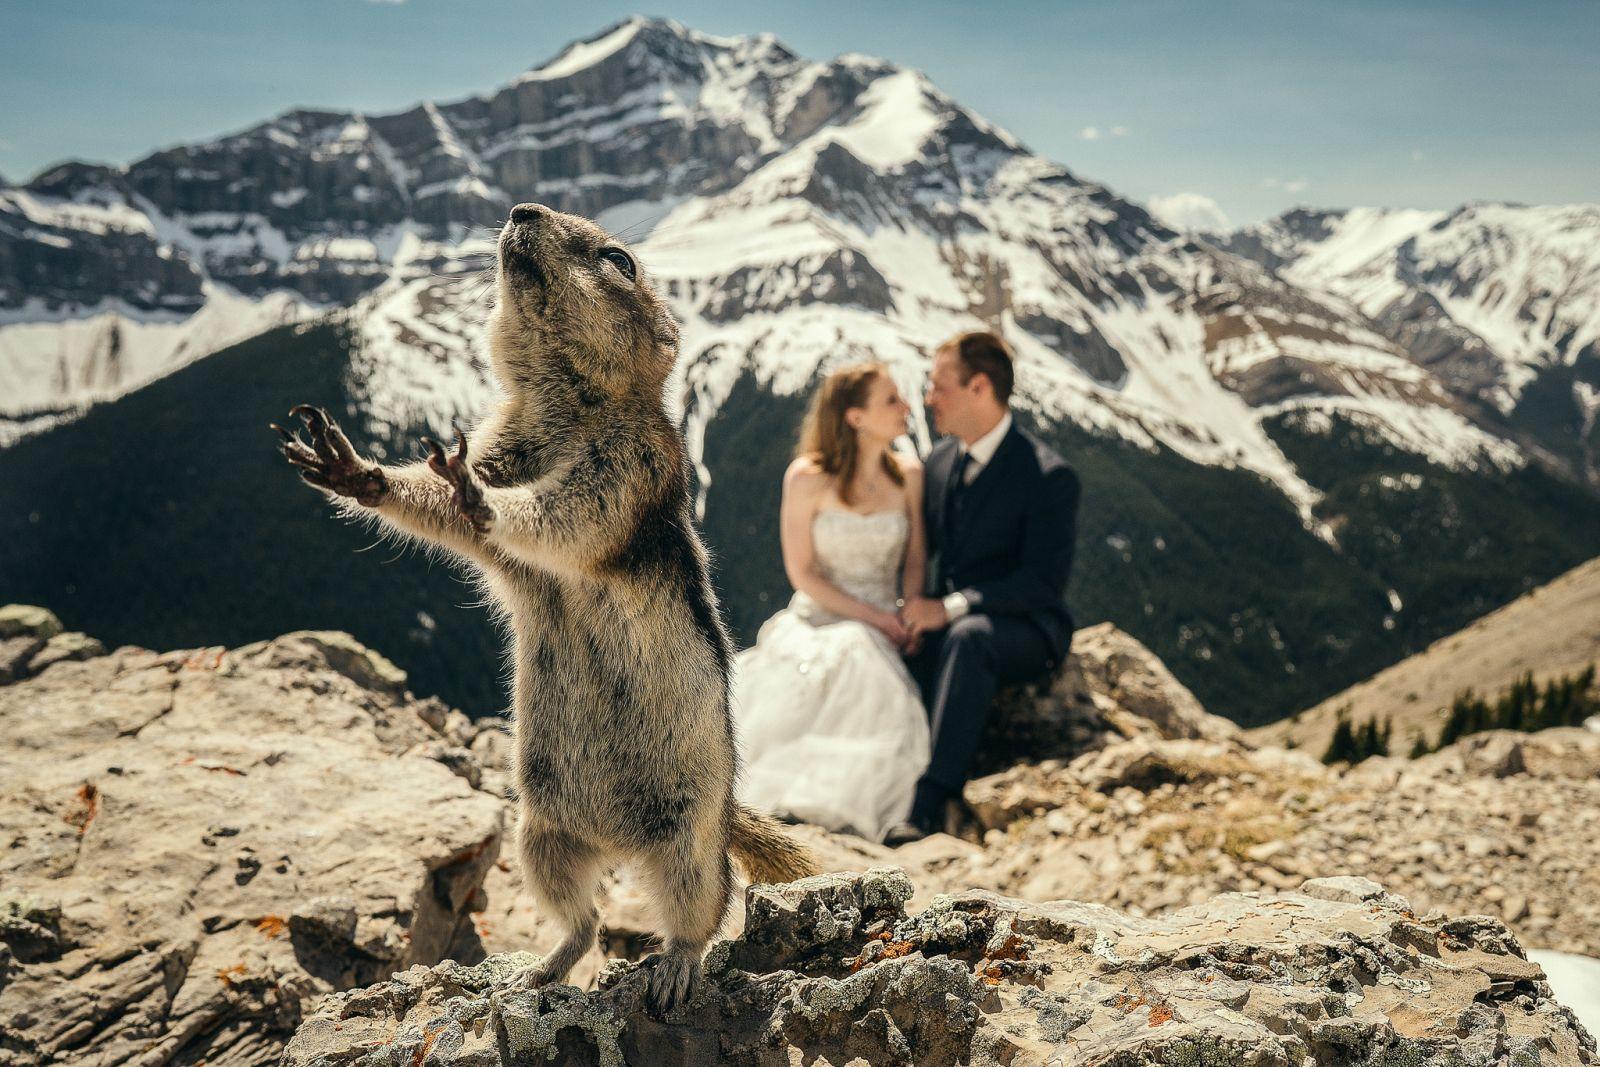 Kad bi mogla govoriti, što mislite da bi vjeverica poručila mladencima?